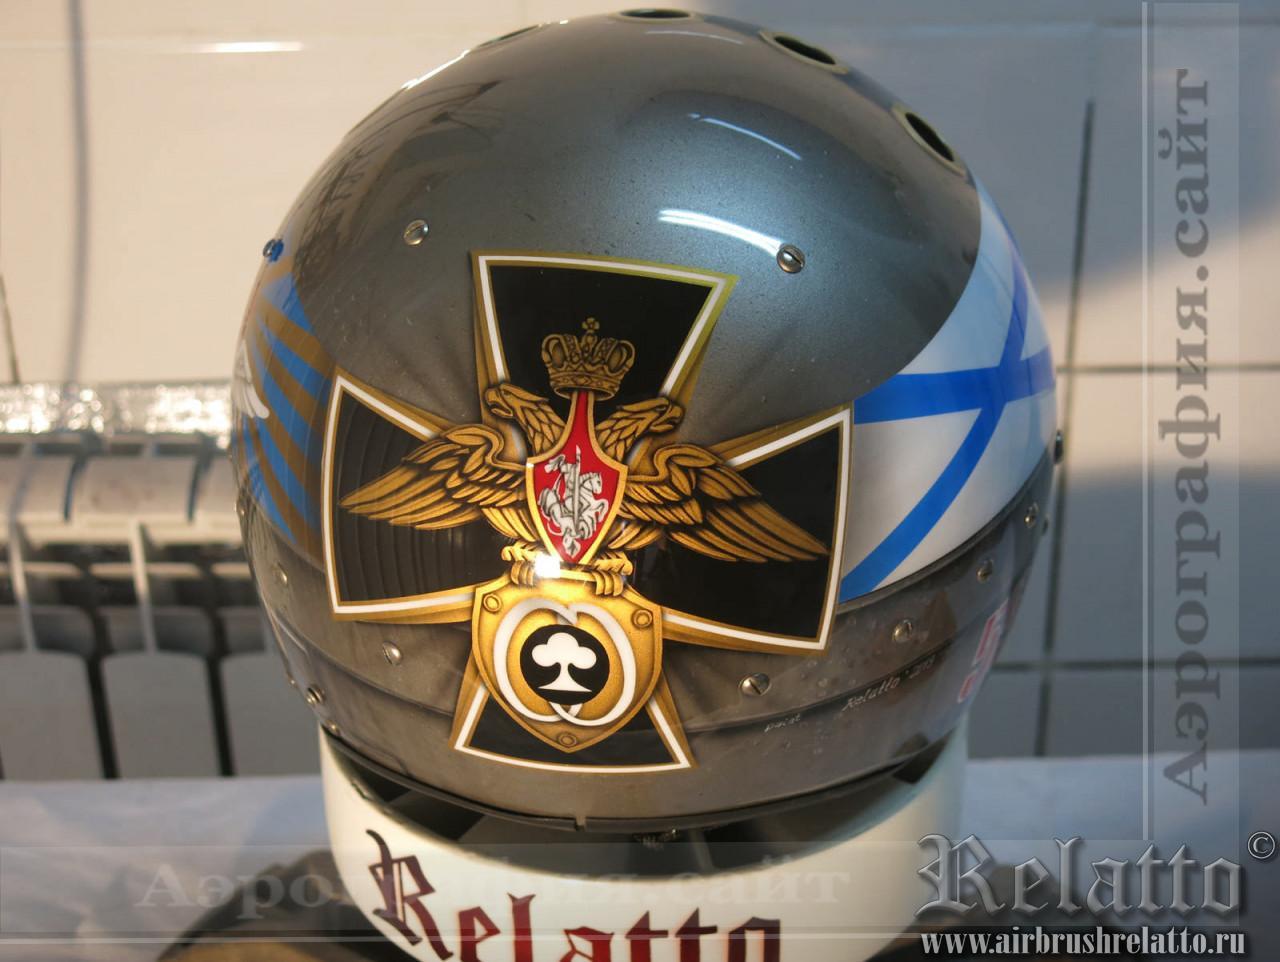 аэрография эмблема ГРУ на шлеме в Краснодаре